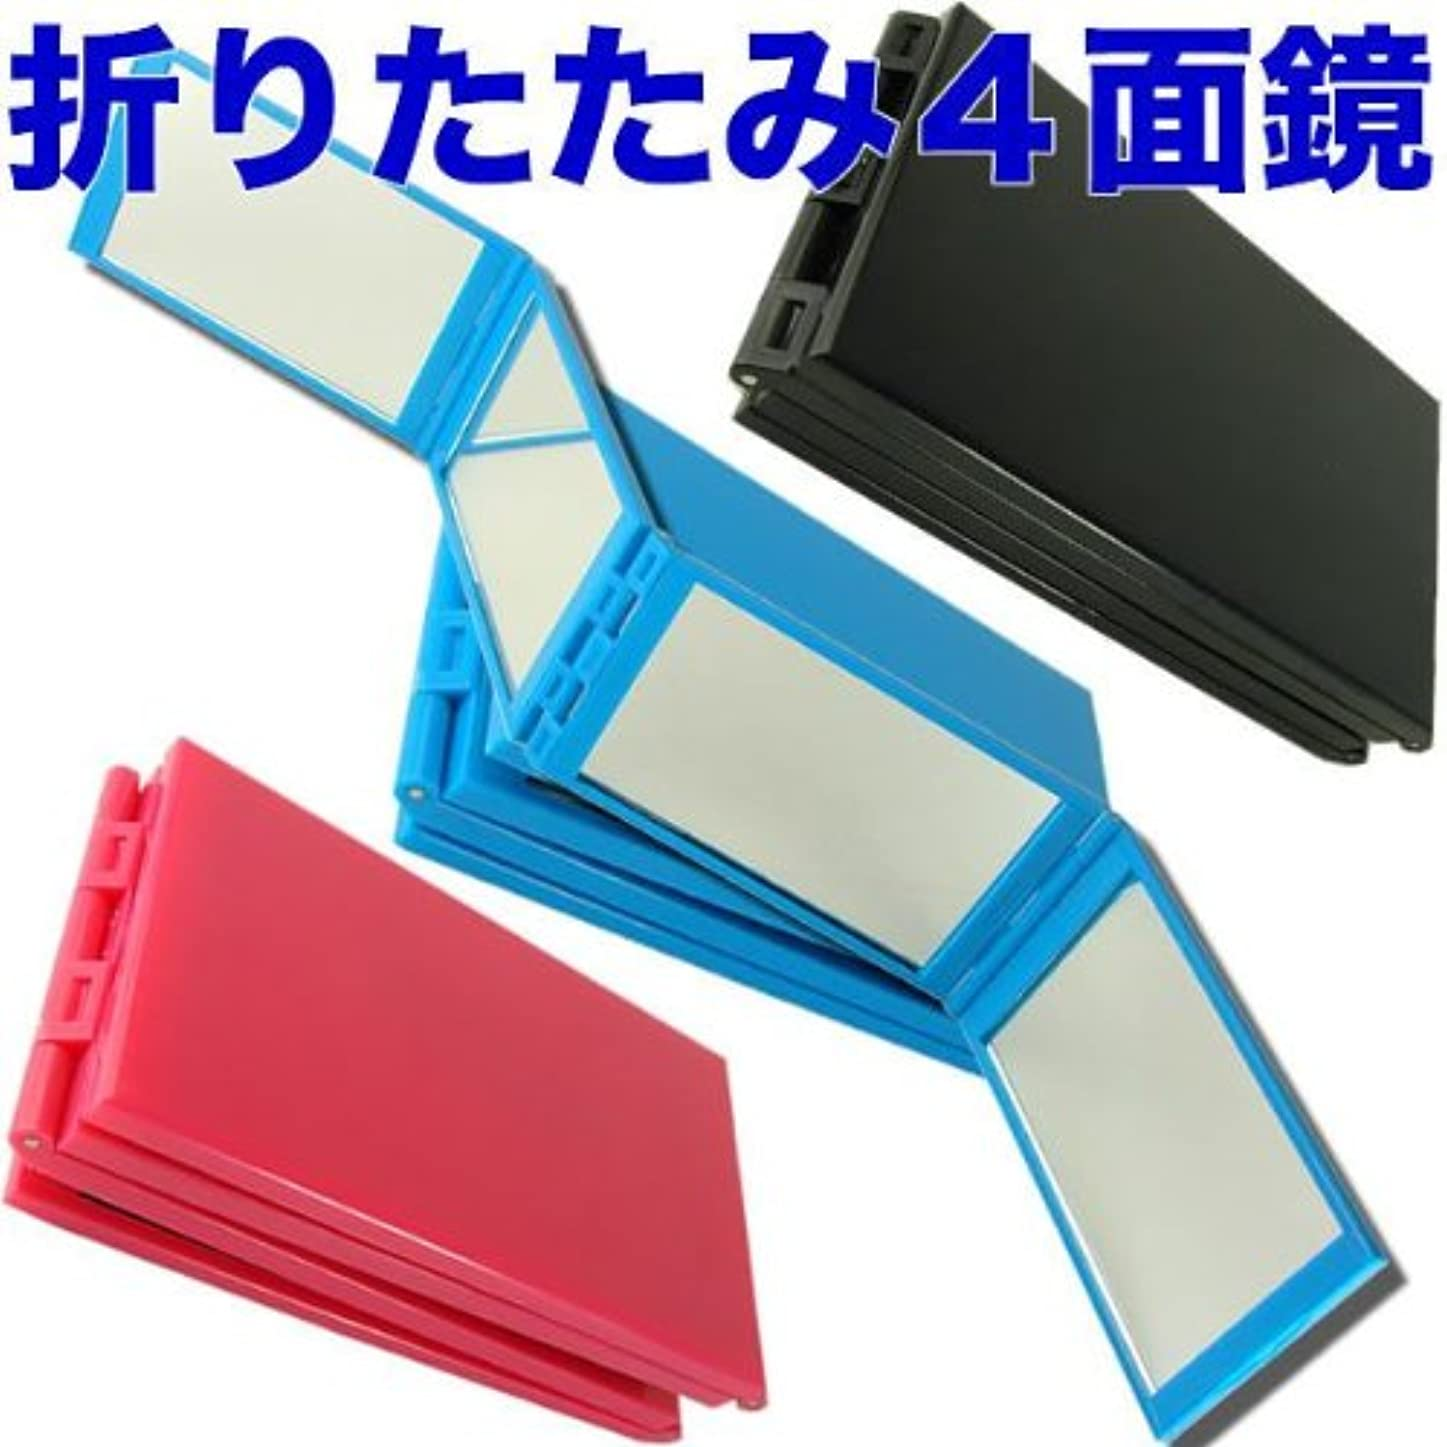 倒産忌避剤マージAS-0826 折りたたみ式4面鏡 ブルー